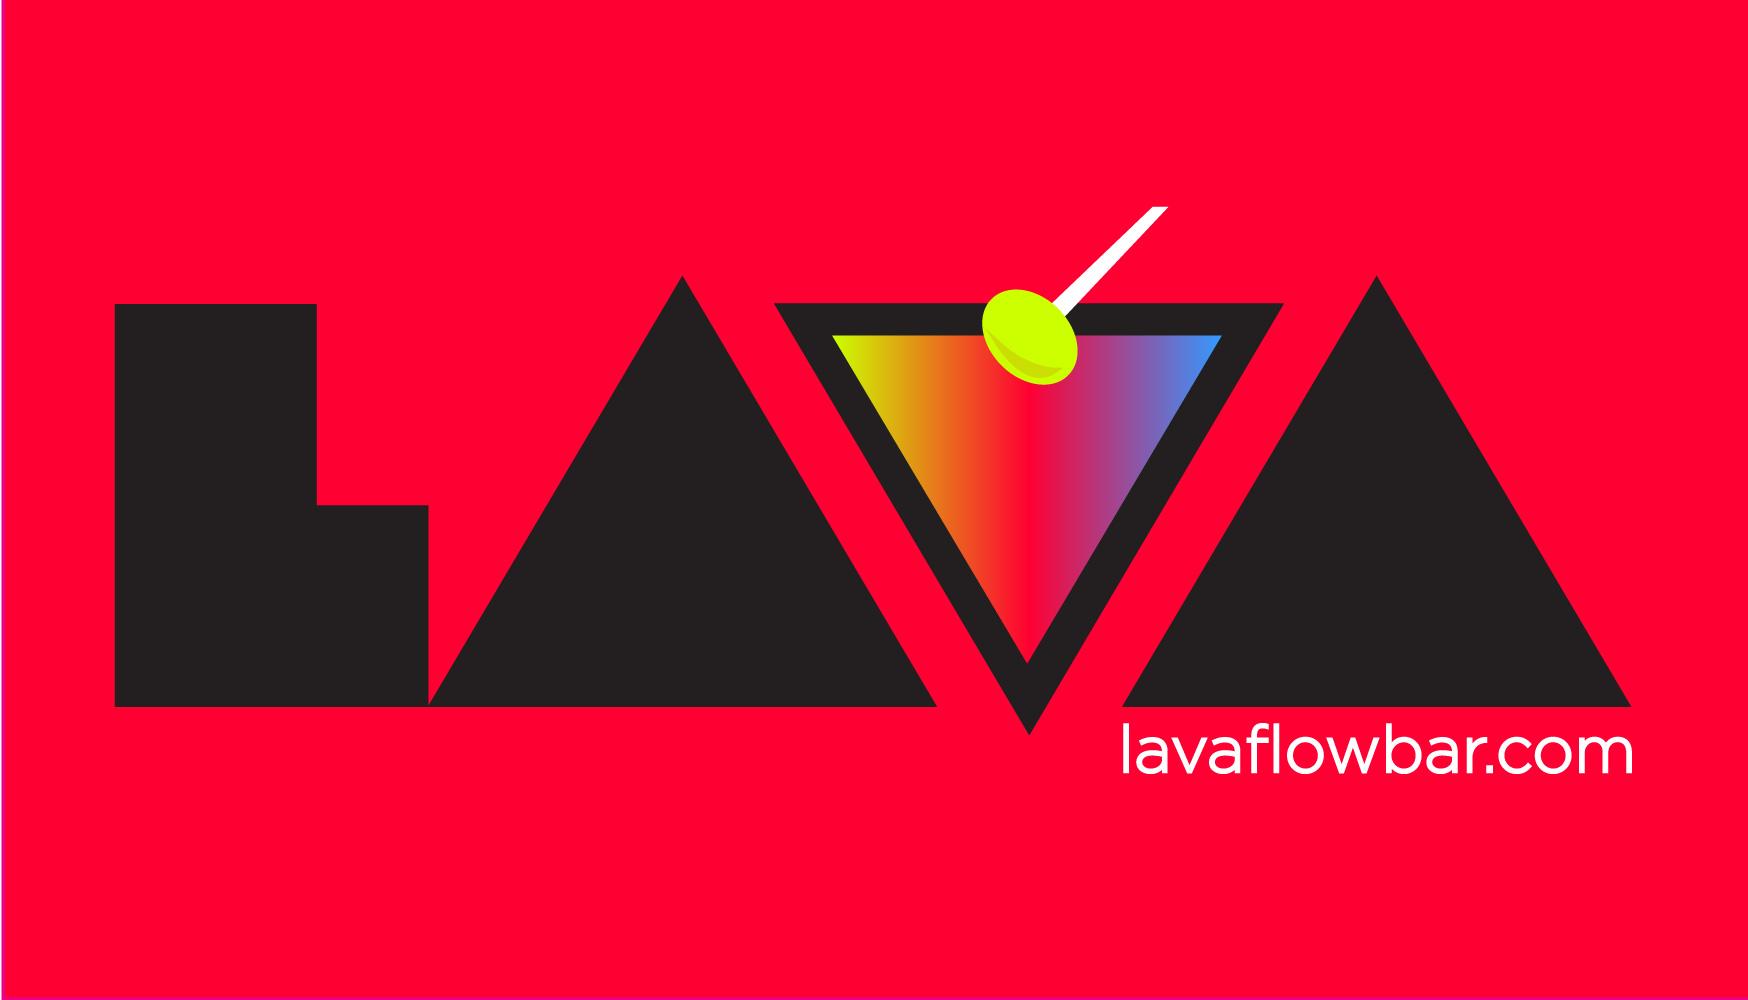 Identidad Corporativa: LAVA FLOW BAR